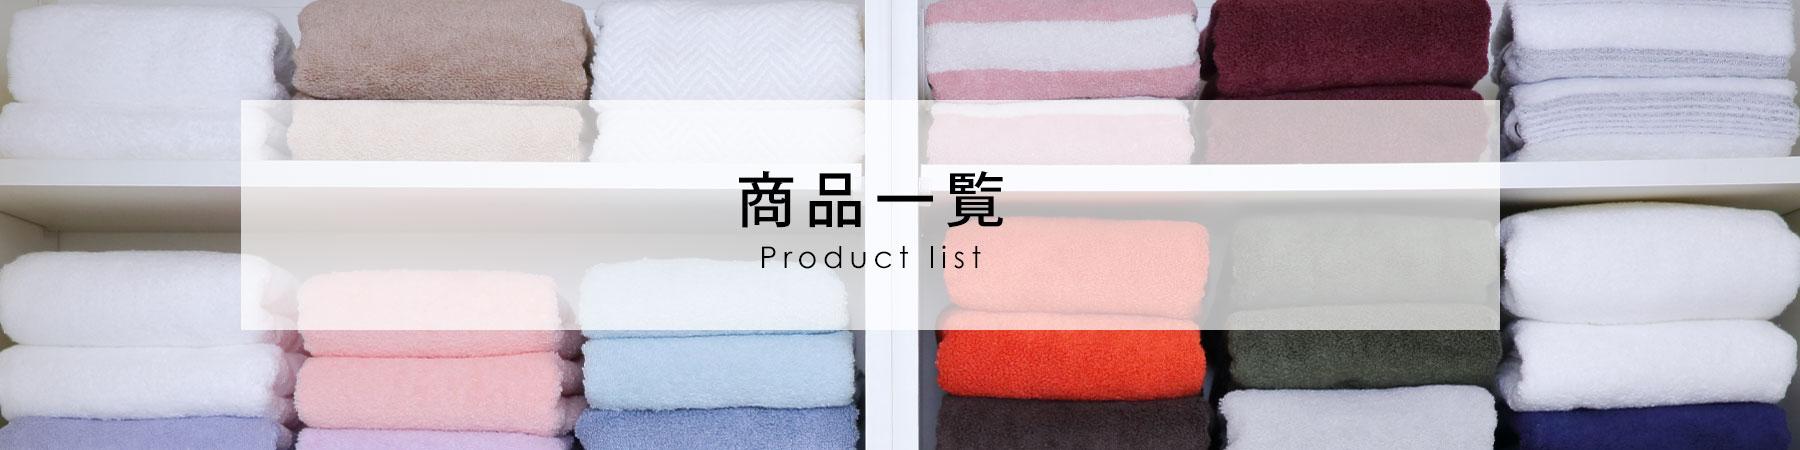 商品一覧 マツイ タオル matsui towel バスタオル フェイスタオル ギフト